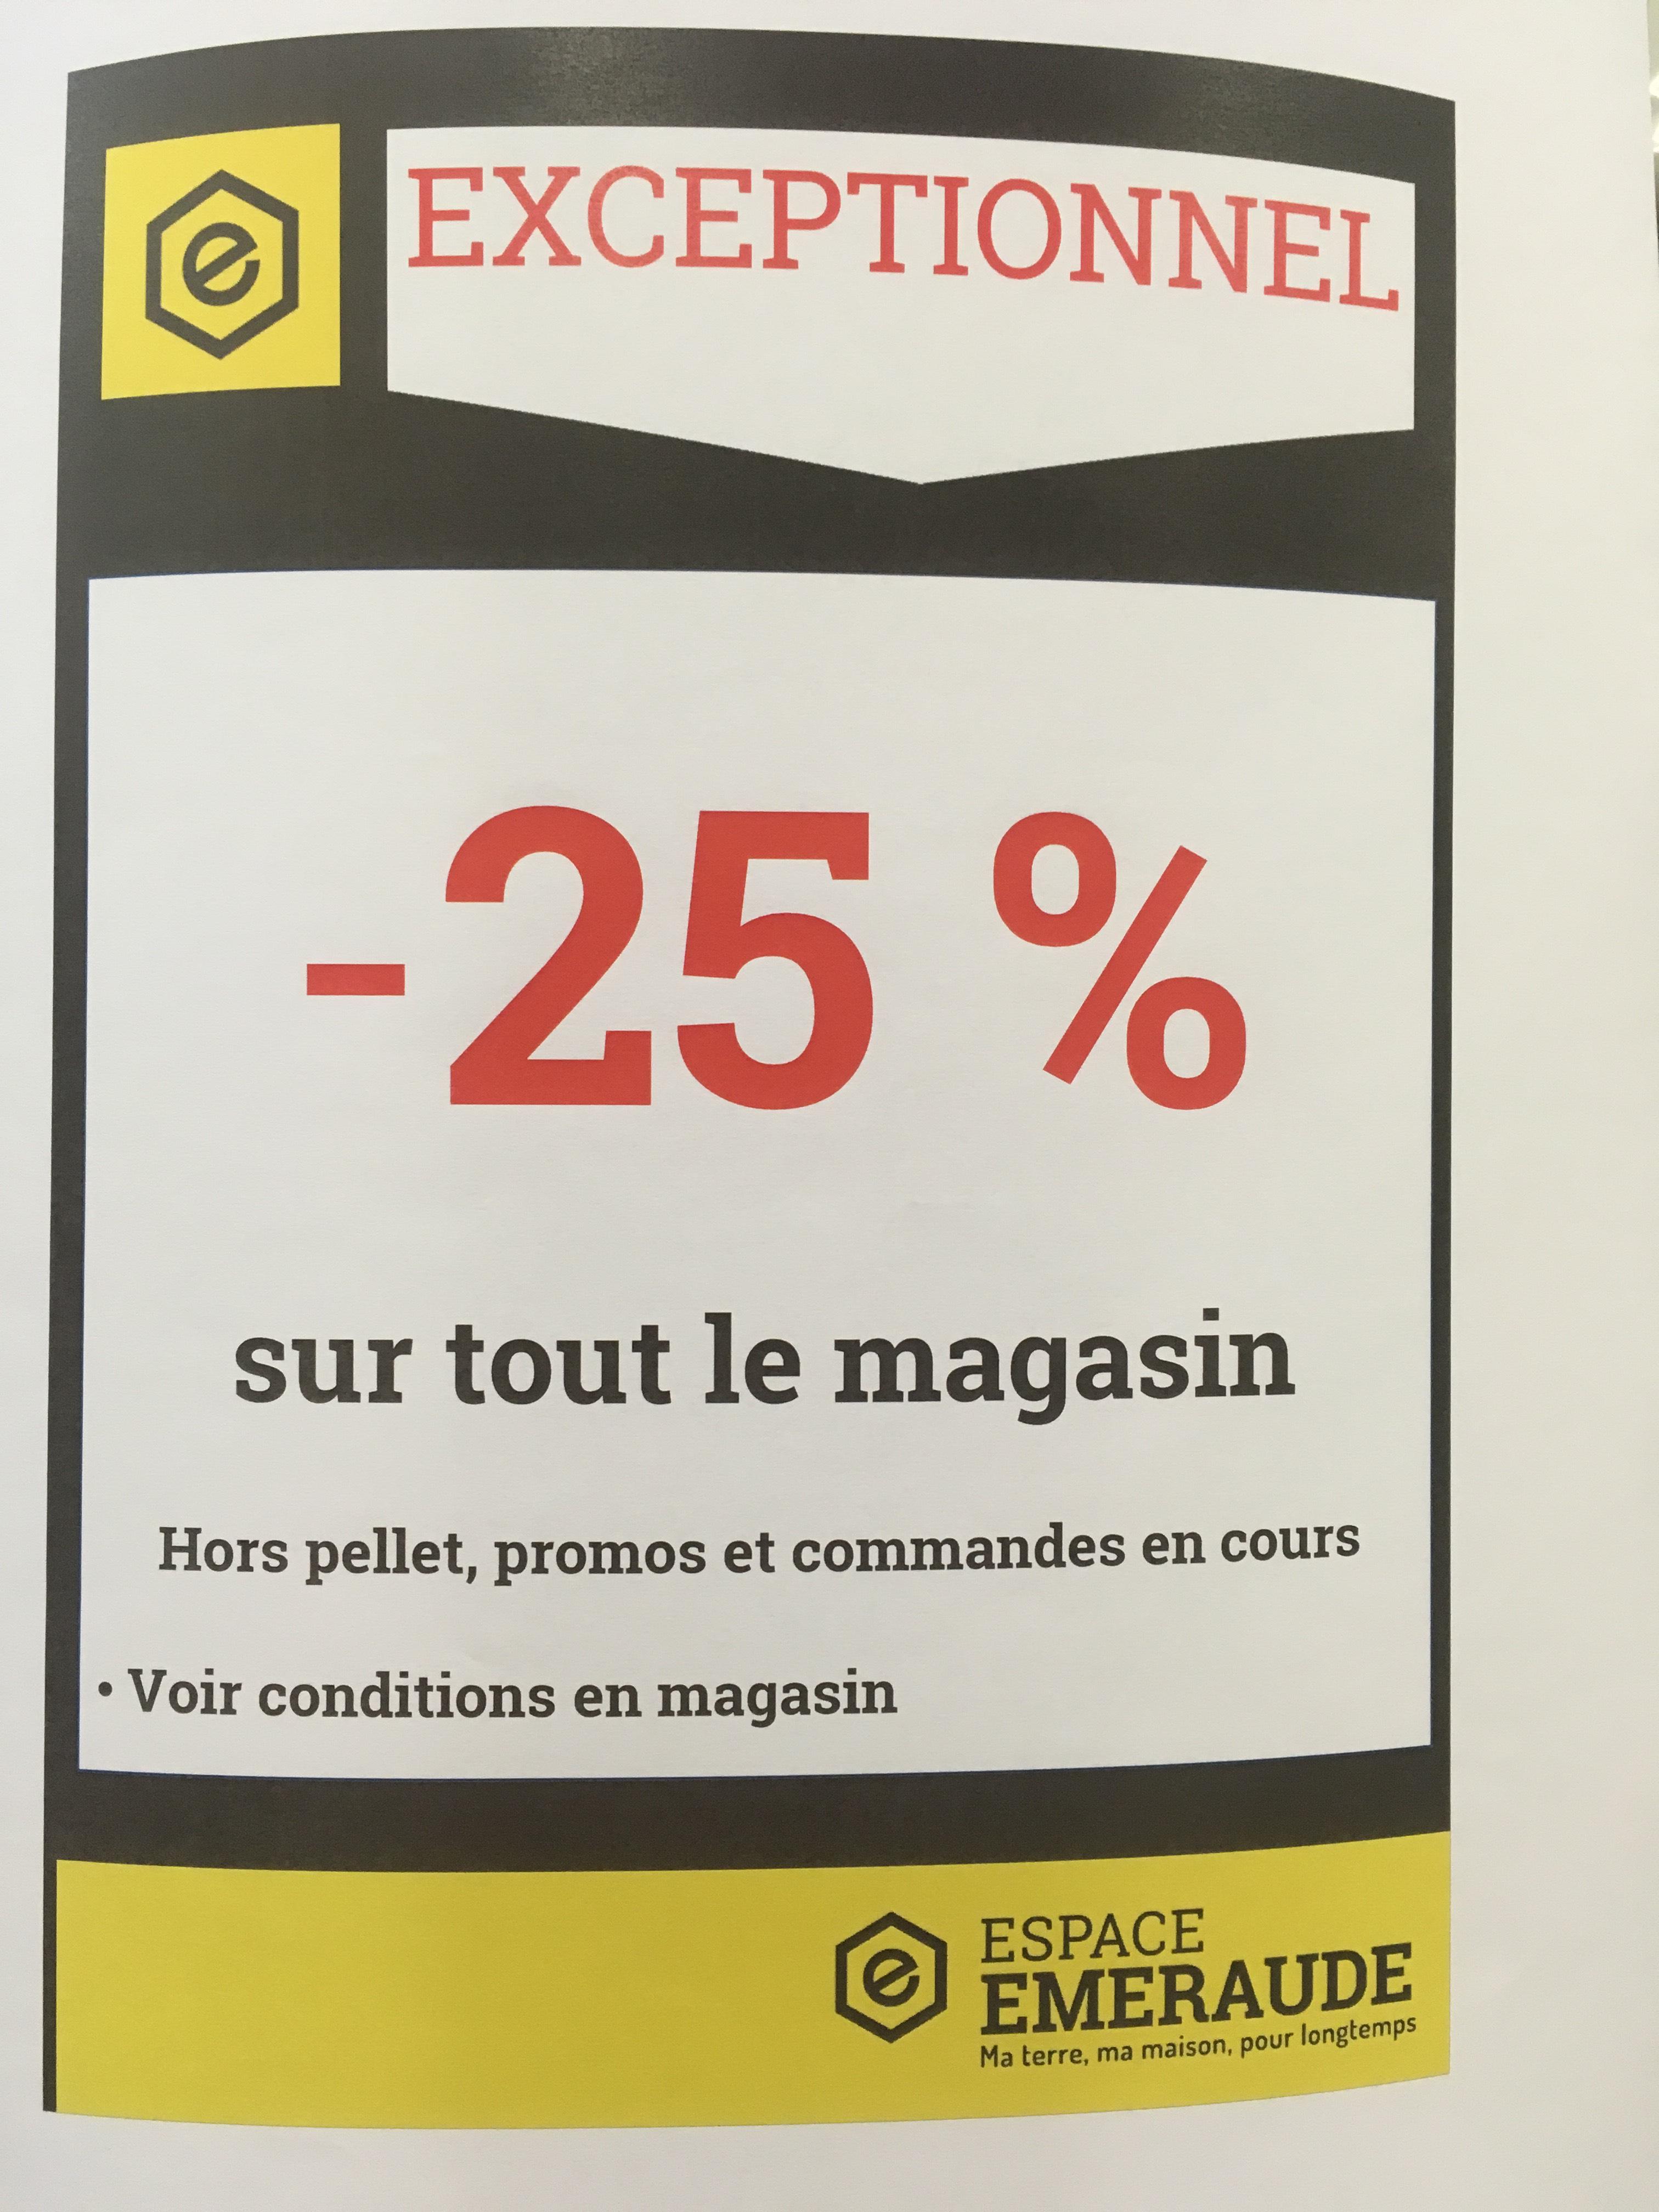 25% de réduction sur tout le magasin - Espace Emeraude Evron (53)